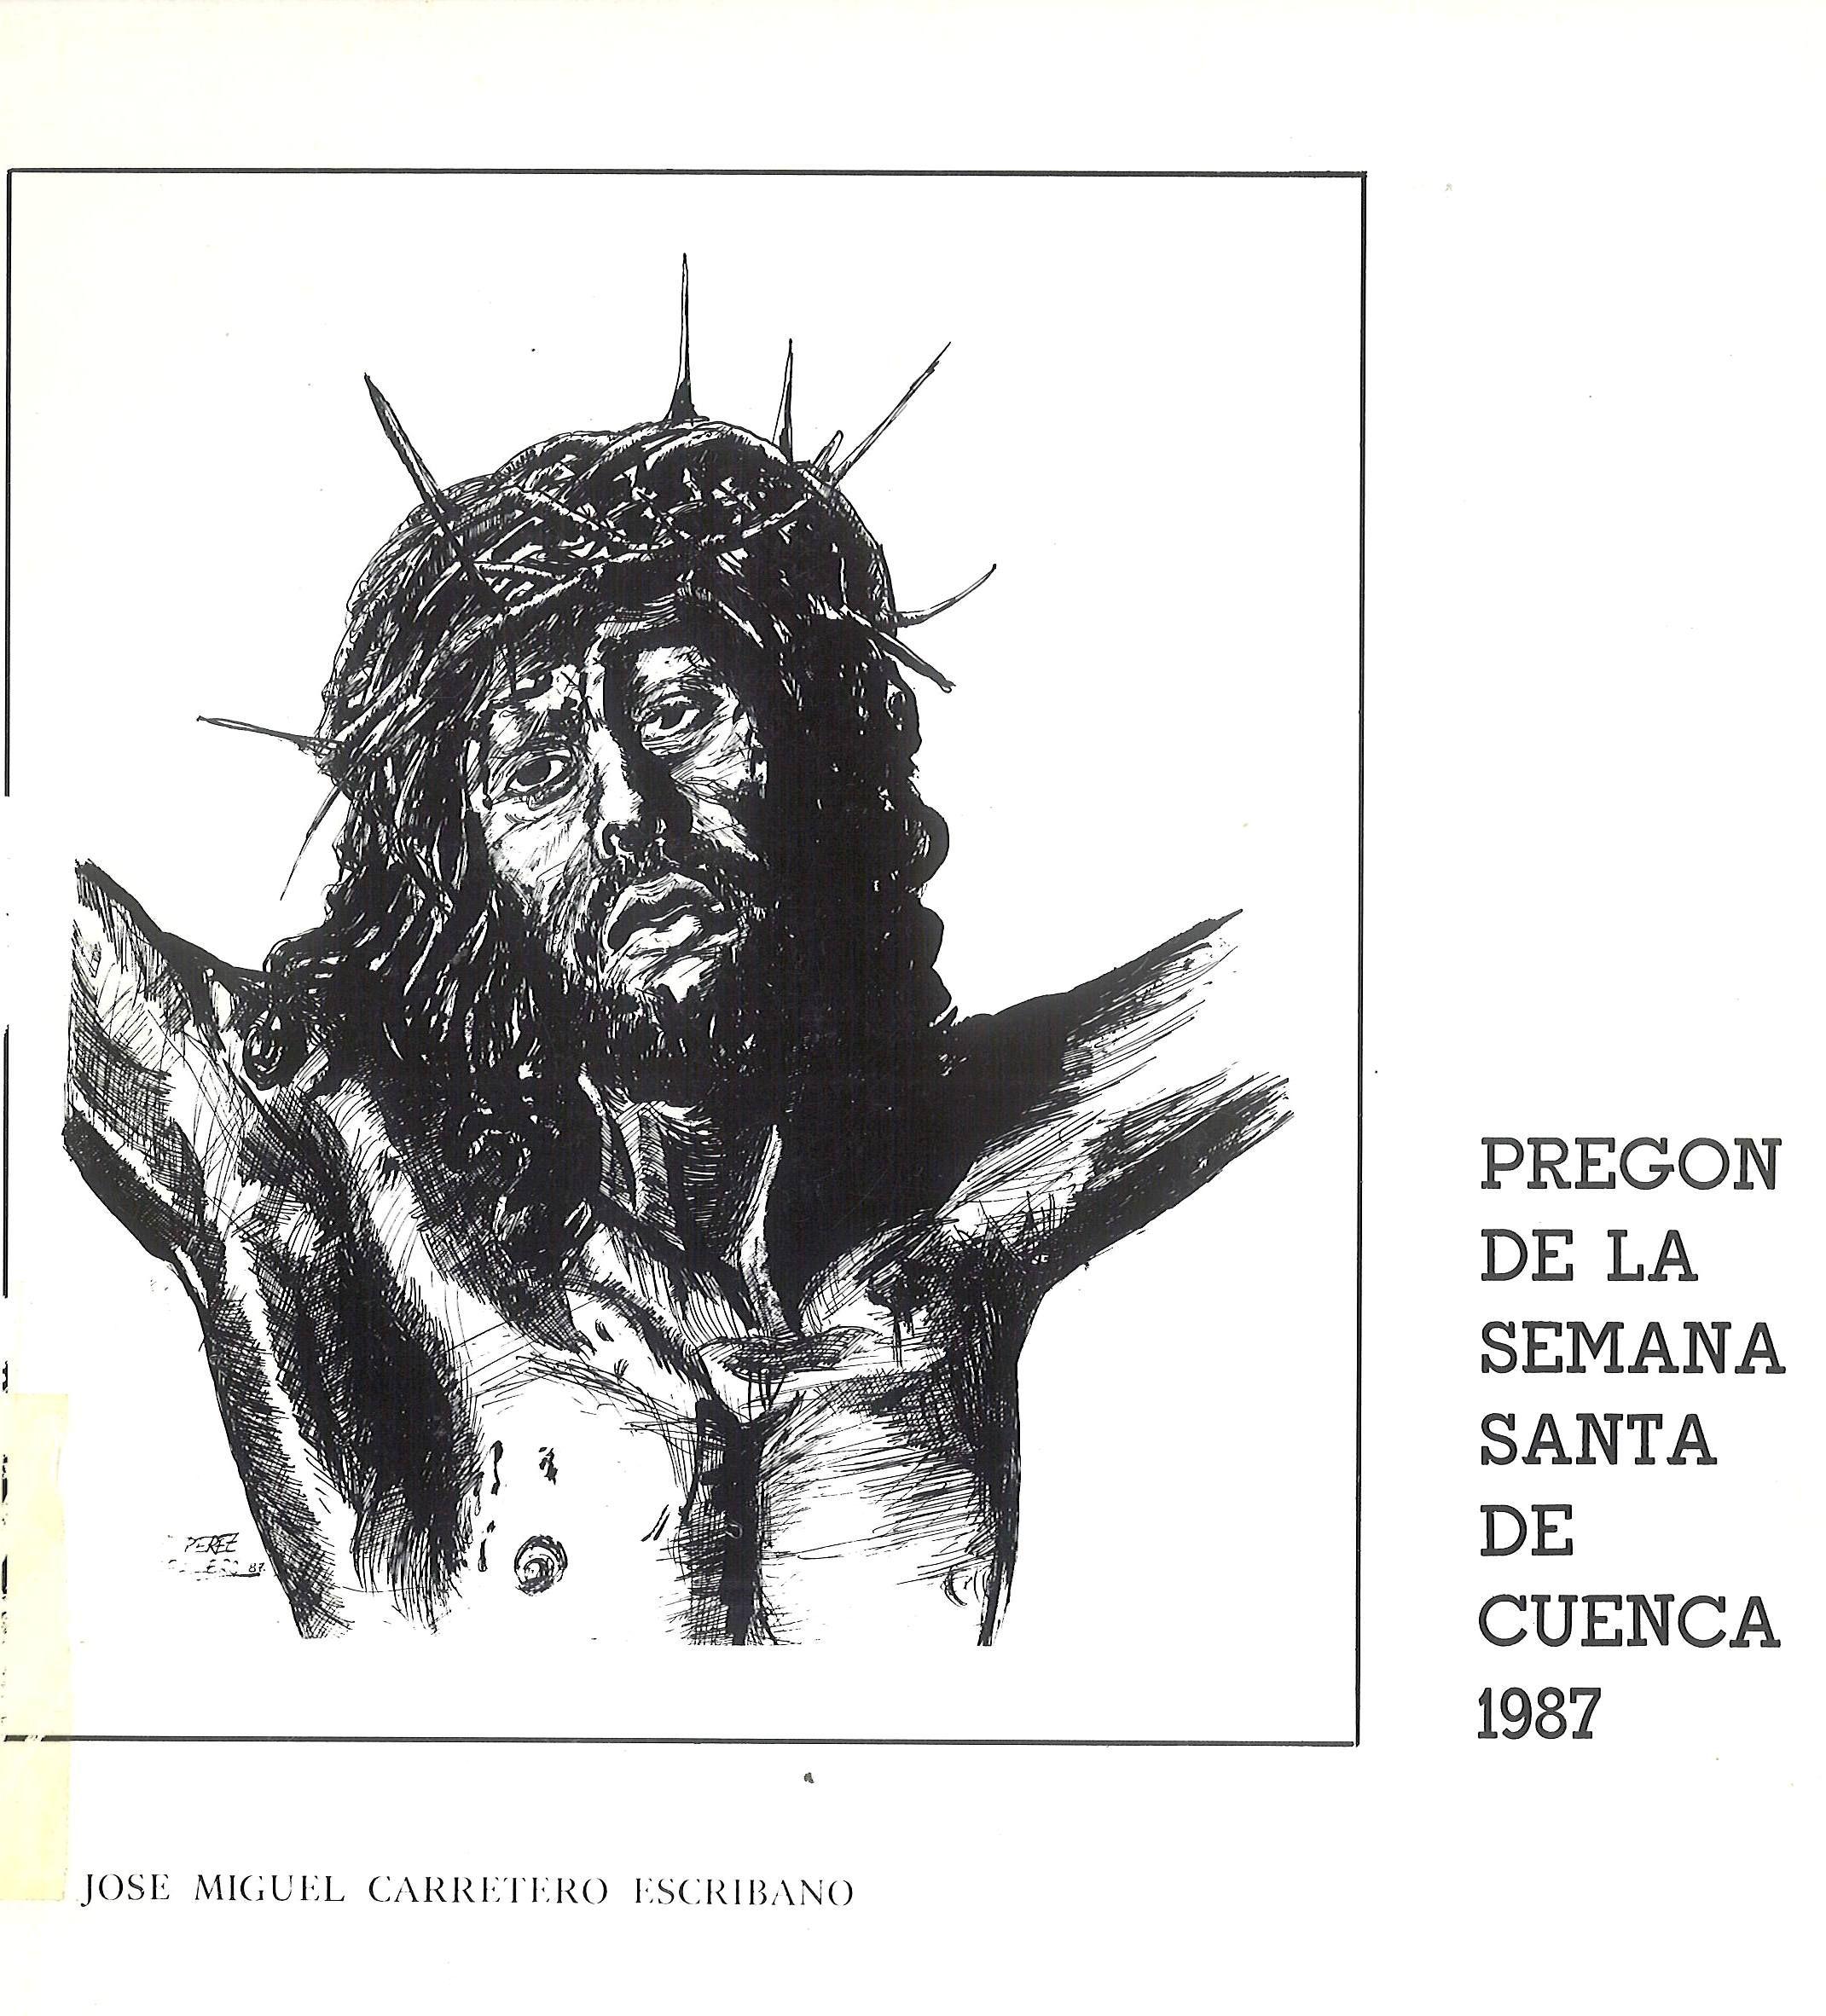 Semana Santa 1987 Texto del pregón de la Semana Santa de 1987 a cargo de José Miguel Carretero Escribano y dibujos de Aurelio cabañas, Rafael Pérez Rodríguez y otros